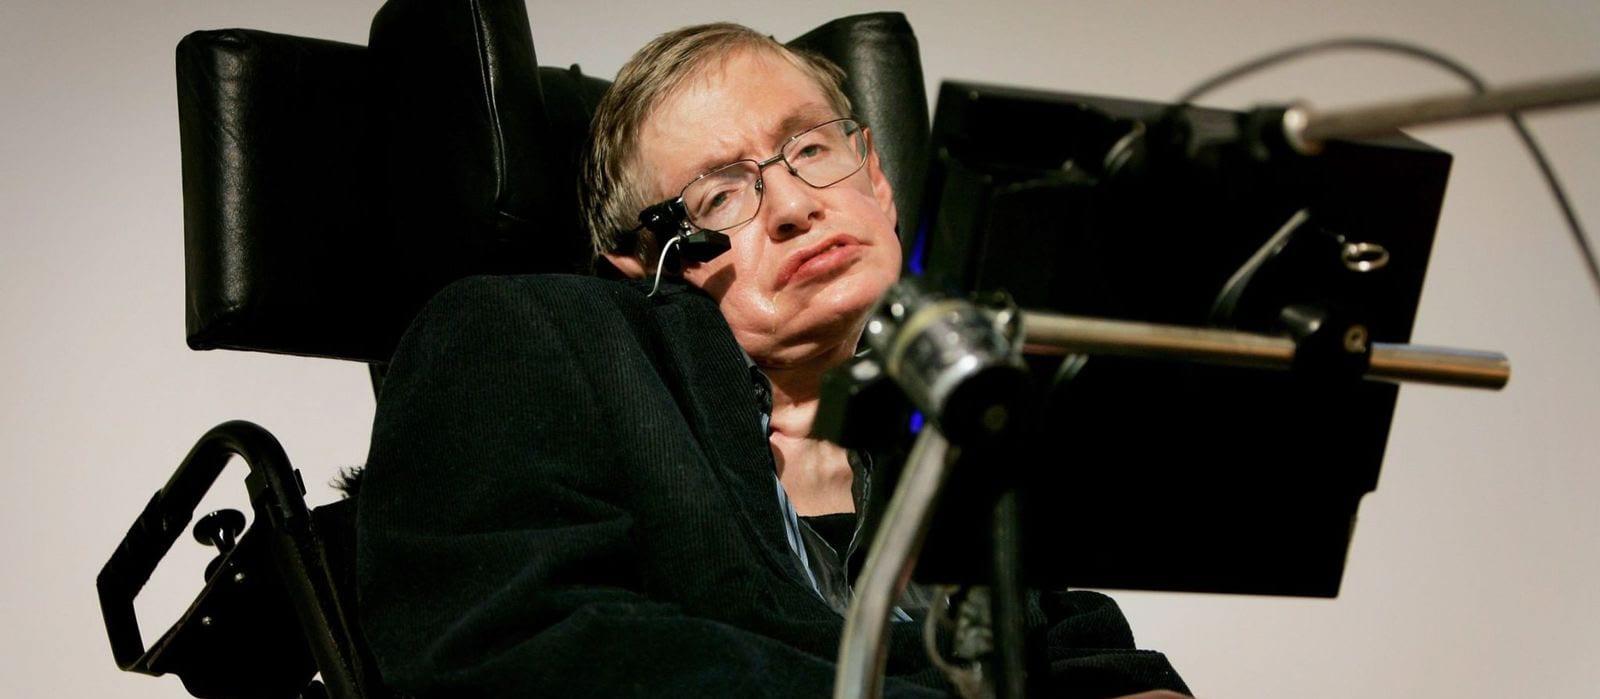 Les 10 Leçons de Stephen Hawking sur le Dépassement de Soi